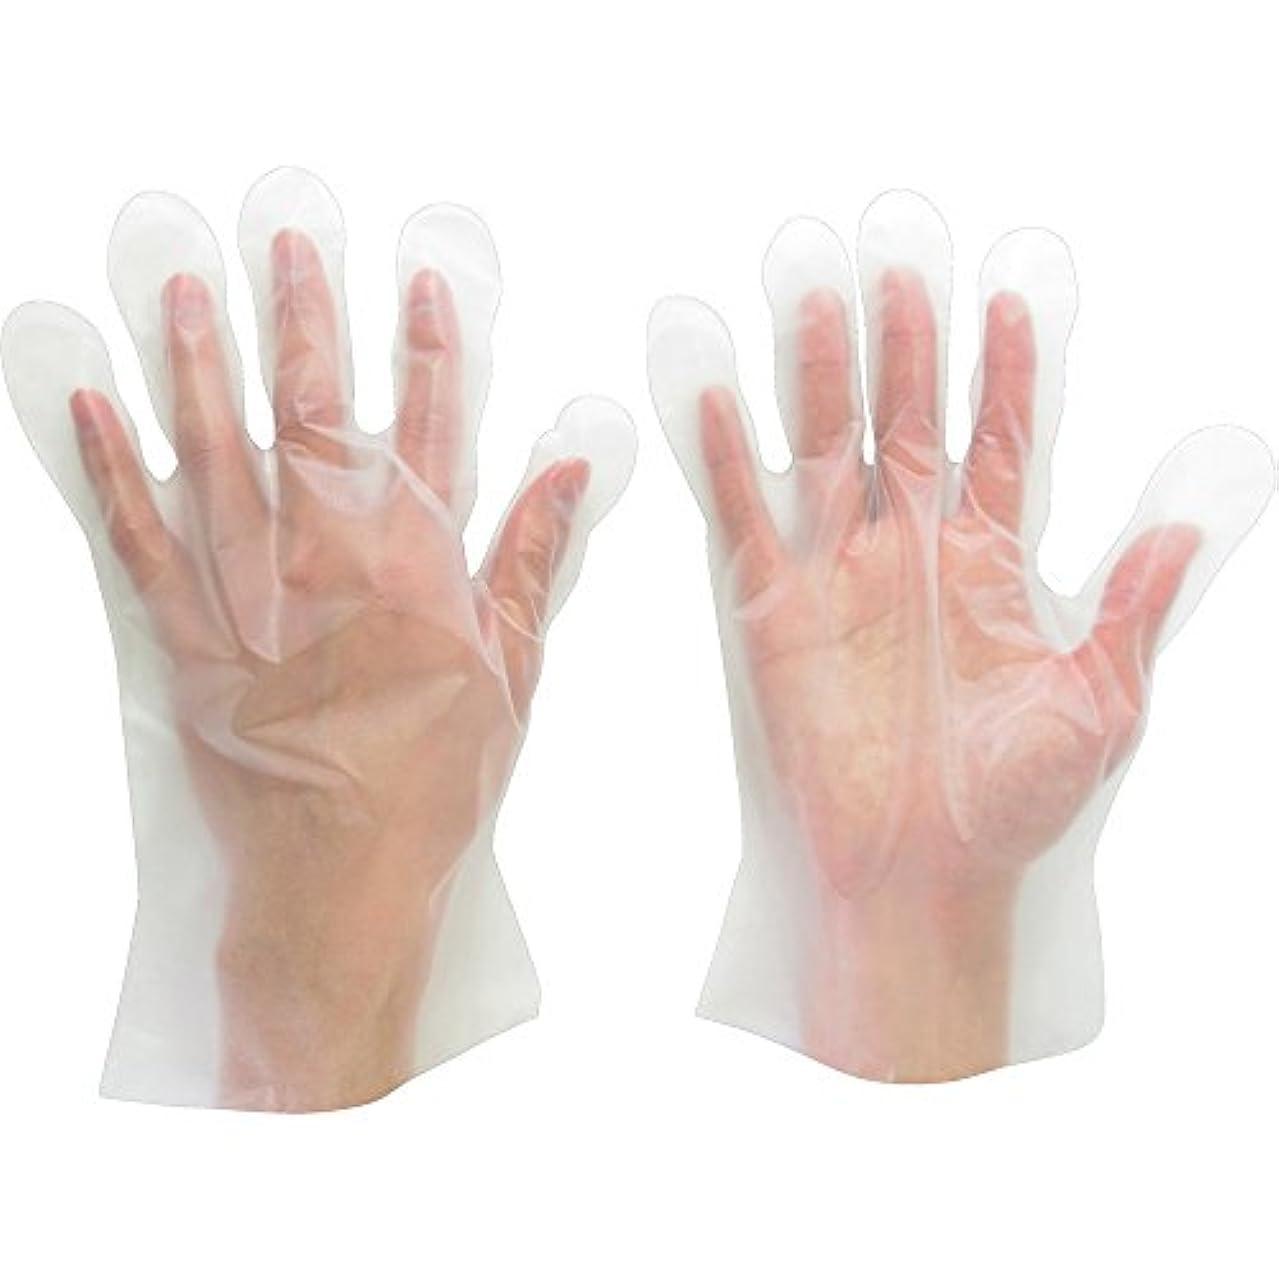 息を切らして職業翻訳するミドリ安全 ポリエチレンディスポ手袋 ベルテ573 100枚 袋入 SS VERTE-573-SS ポリエチレン使い捨て手袋